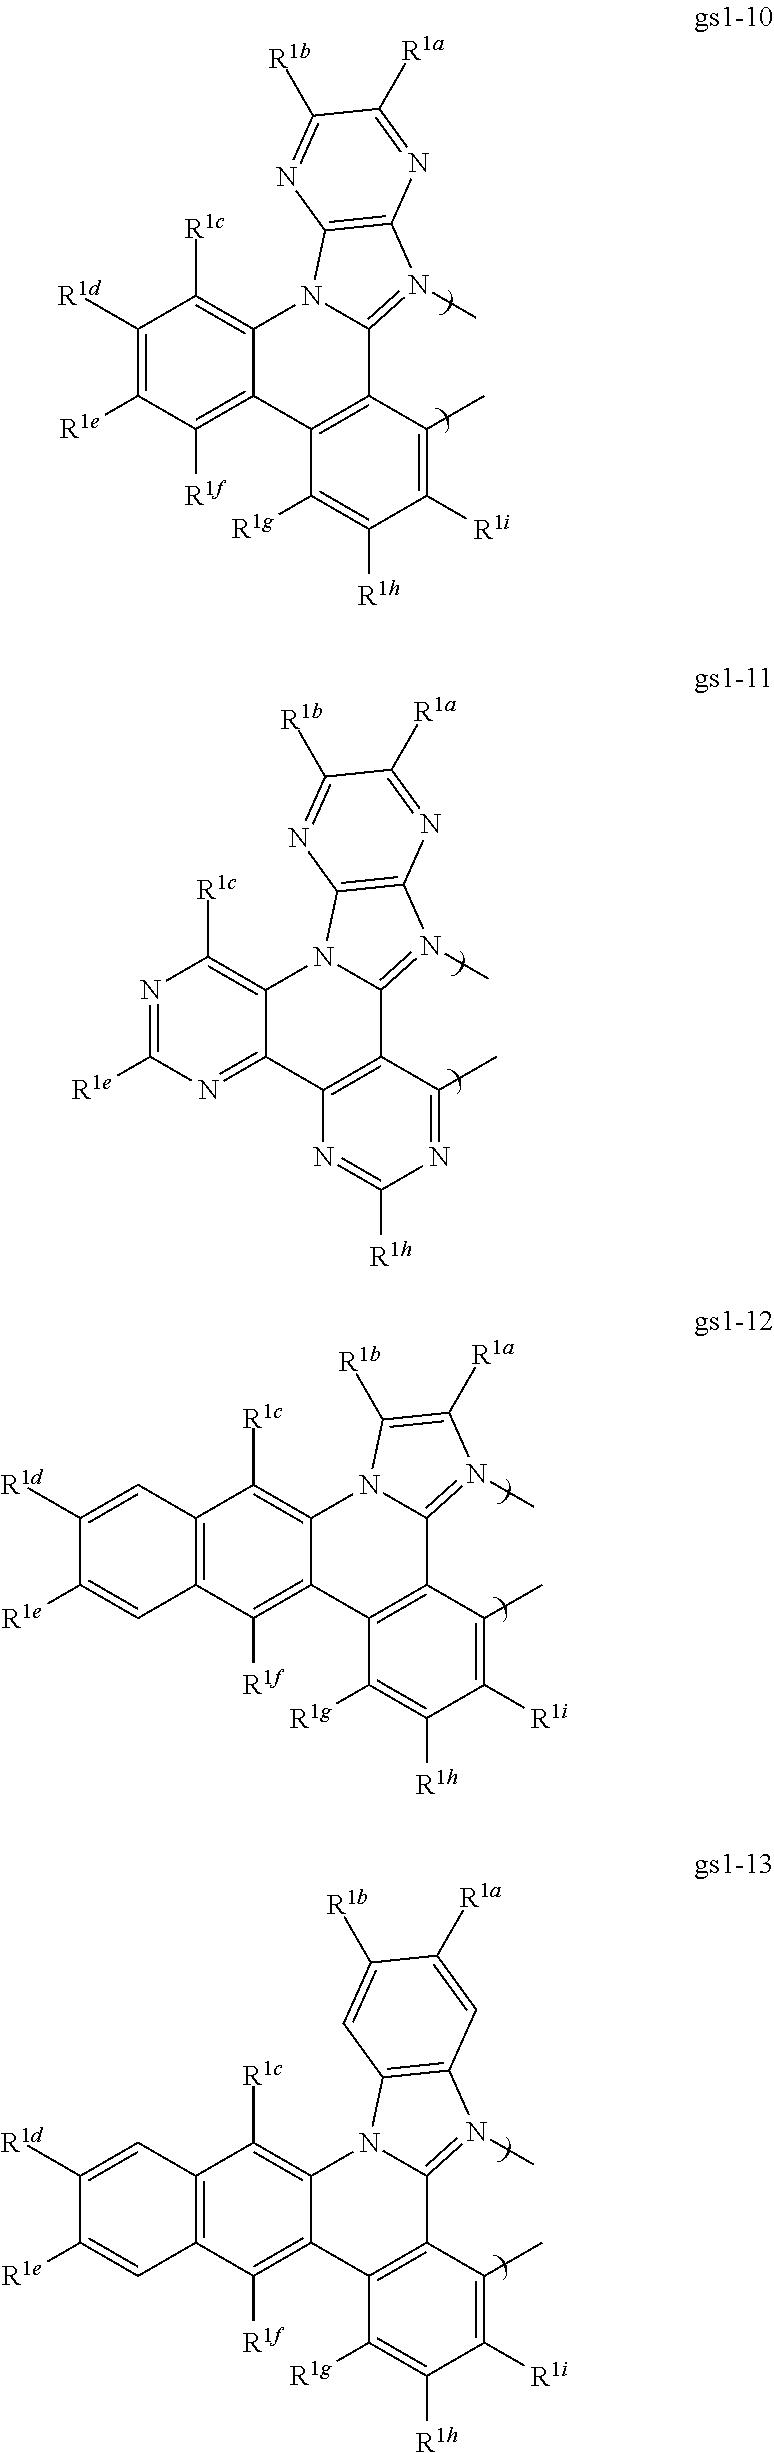 Figure US20110073849A1-20110331-C00004